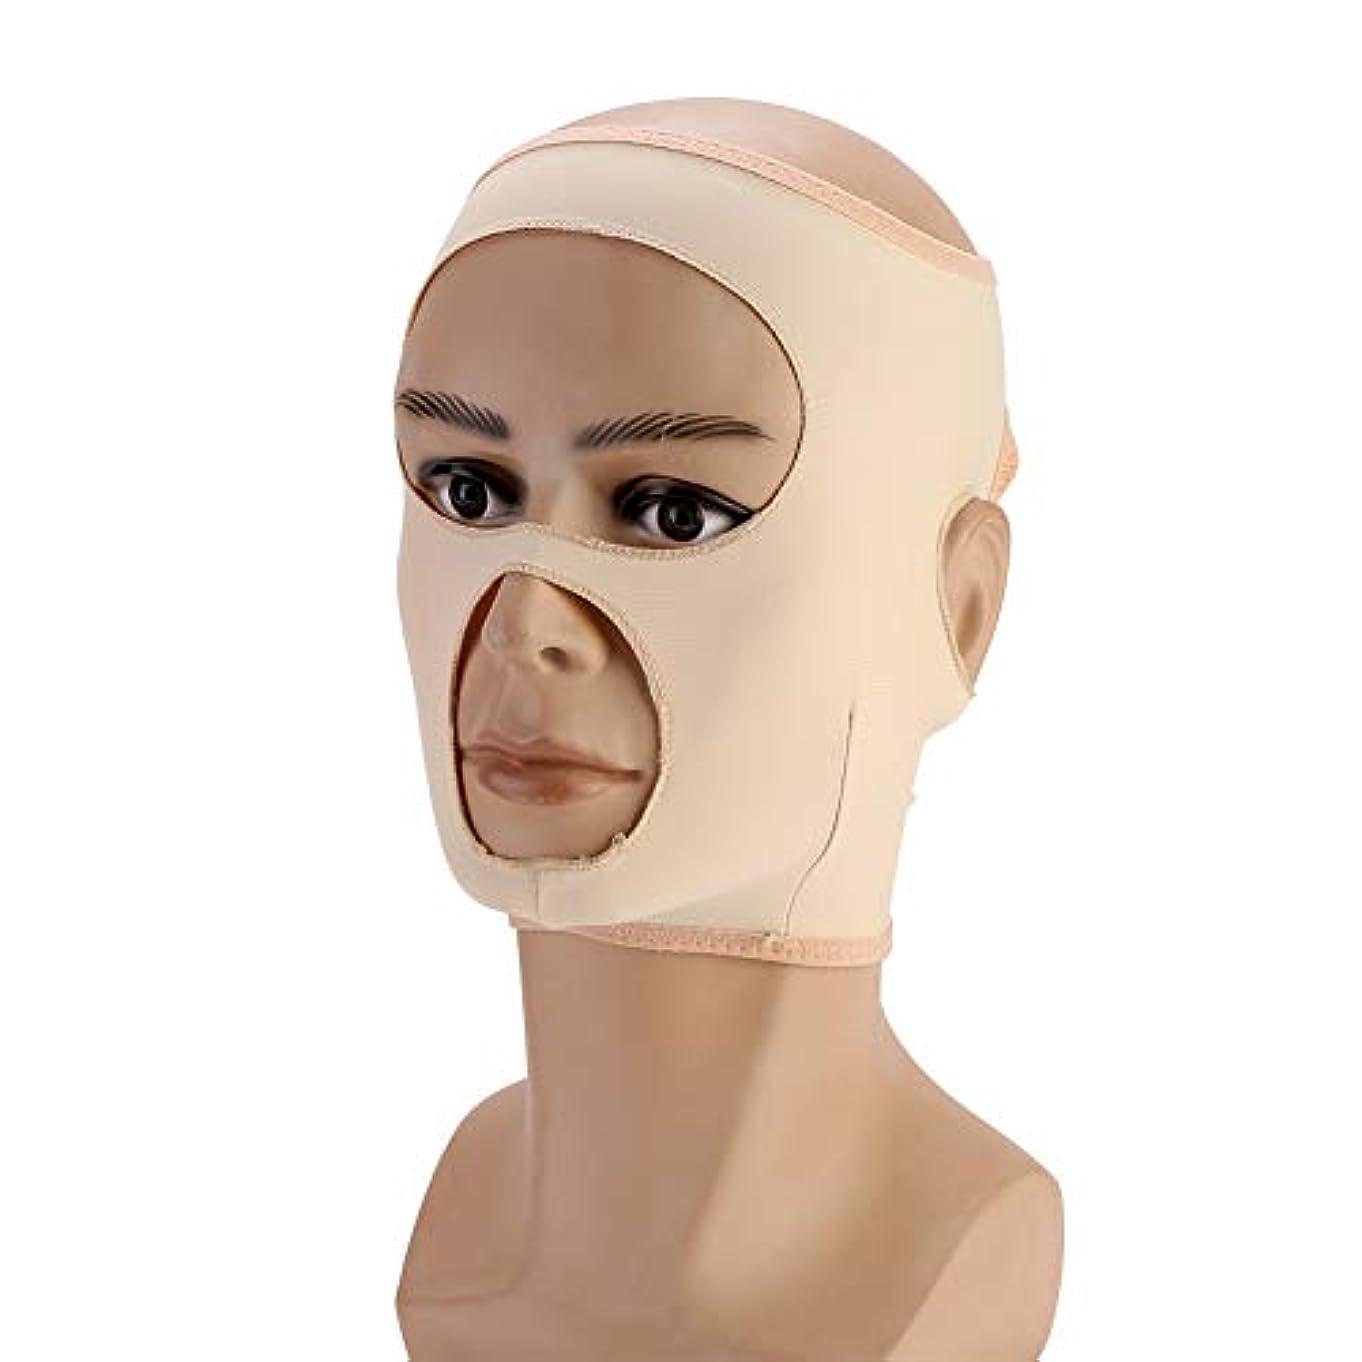 些細な冷淡なクレーンフェイス包帯 フェイシャルケア 小顔 美顔 Vライン 顔輪郭改善 美容包帯 通気性/伸縮性/自動調整バックル フェイシャル マスク フェイスラインスリムアップベルト(M)